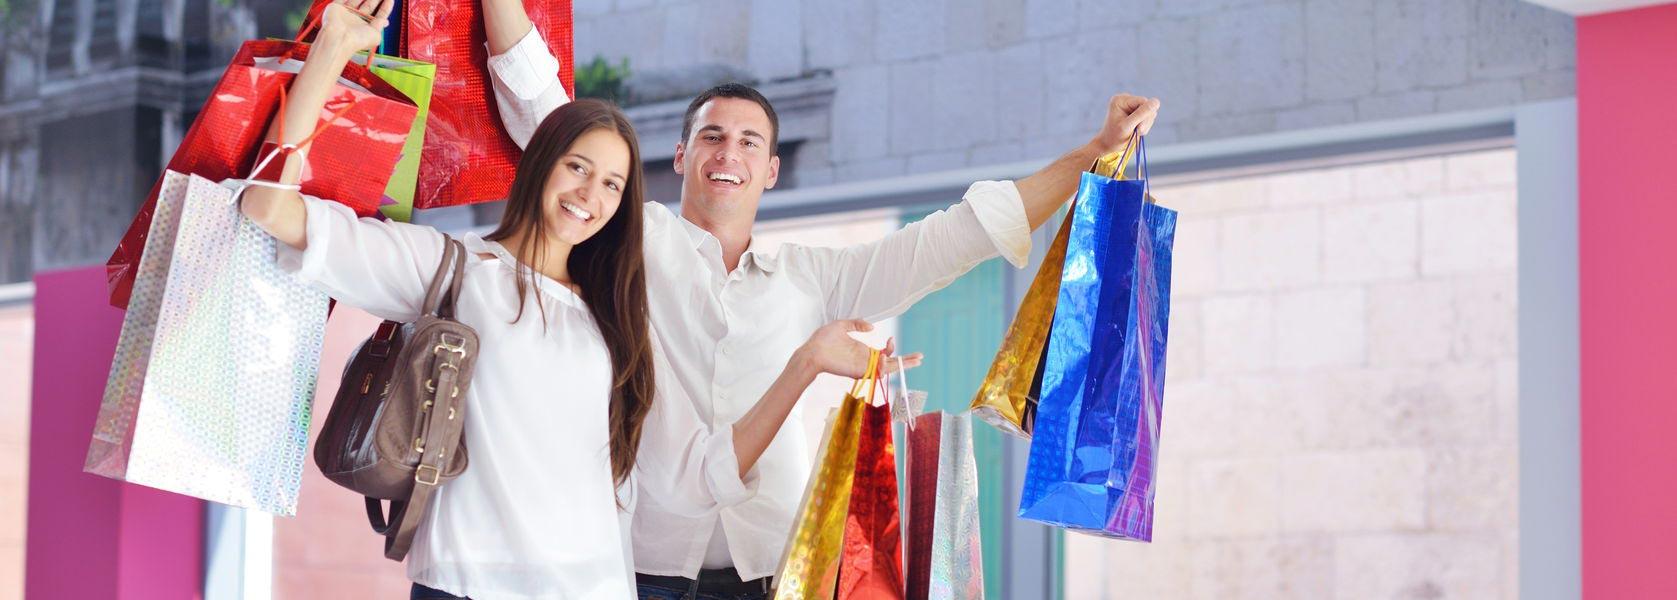 L'annuaire des boutiques de vente en ligne